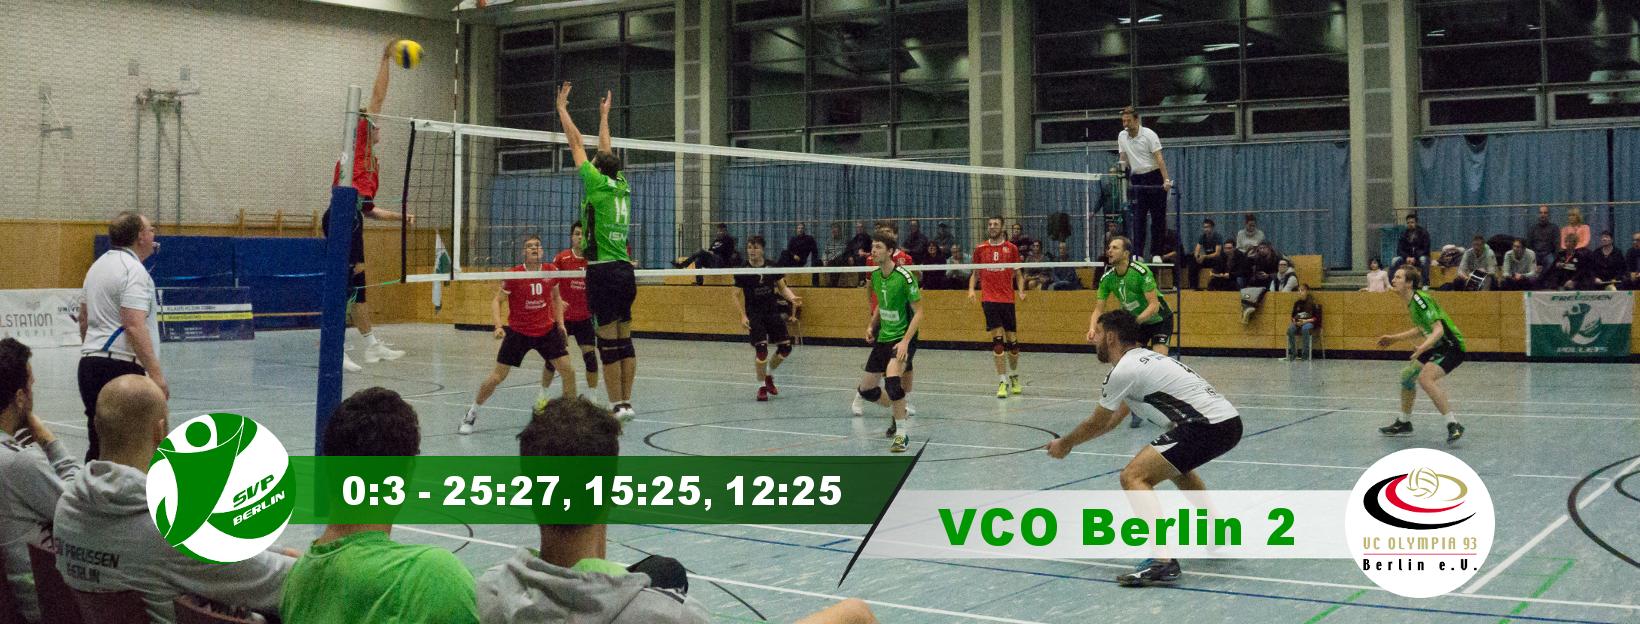 10. Spieltag gegen den VCO Berlin 2